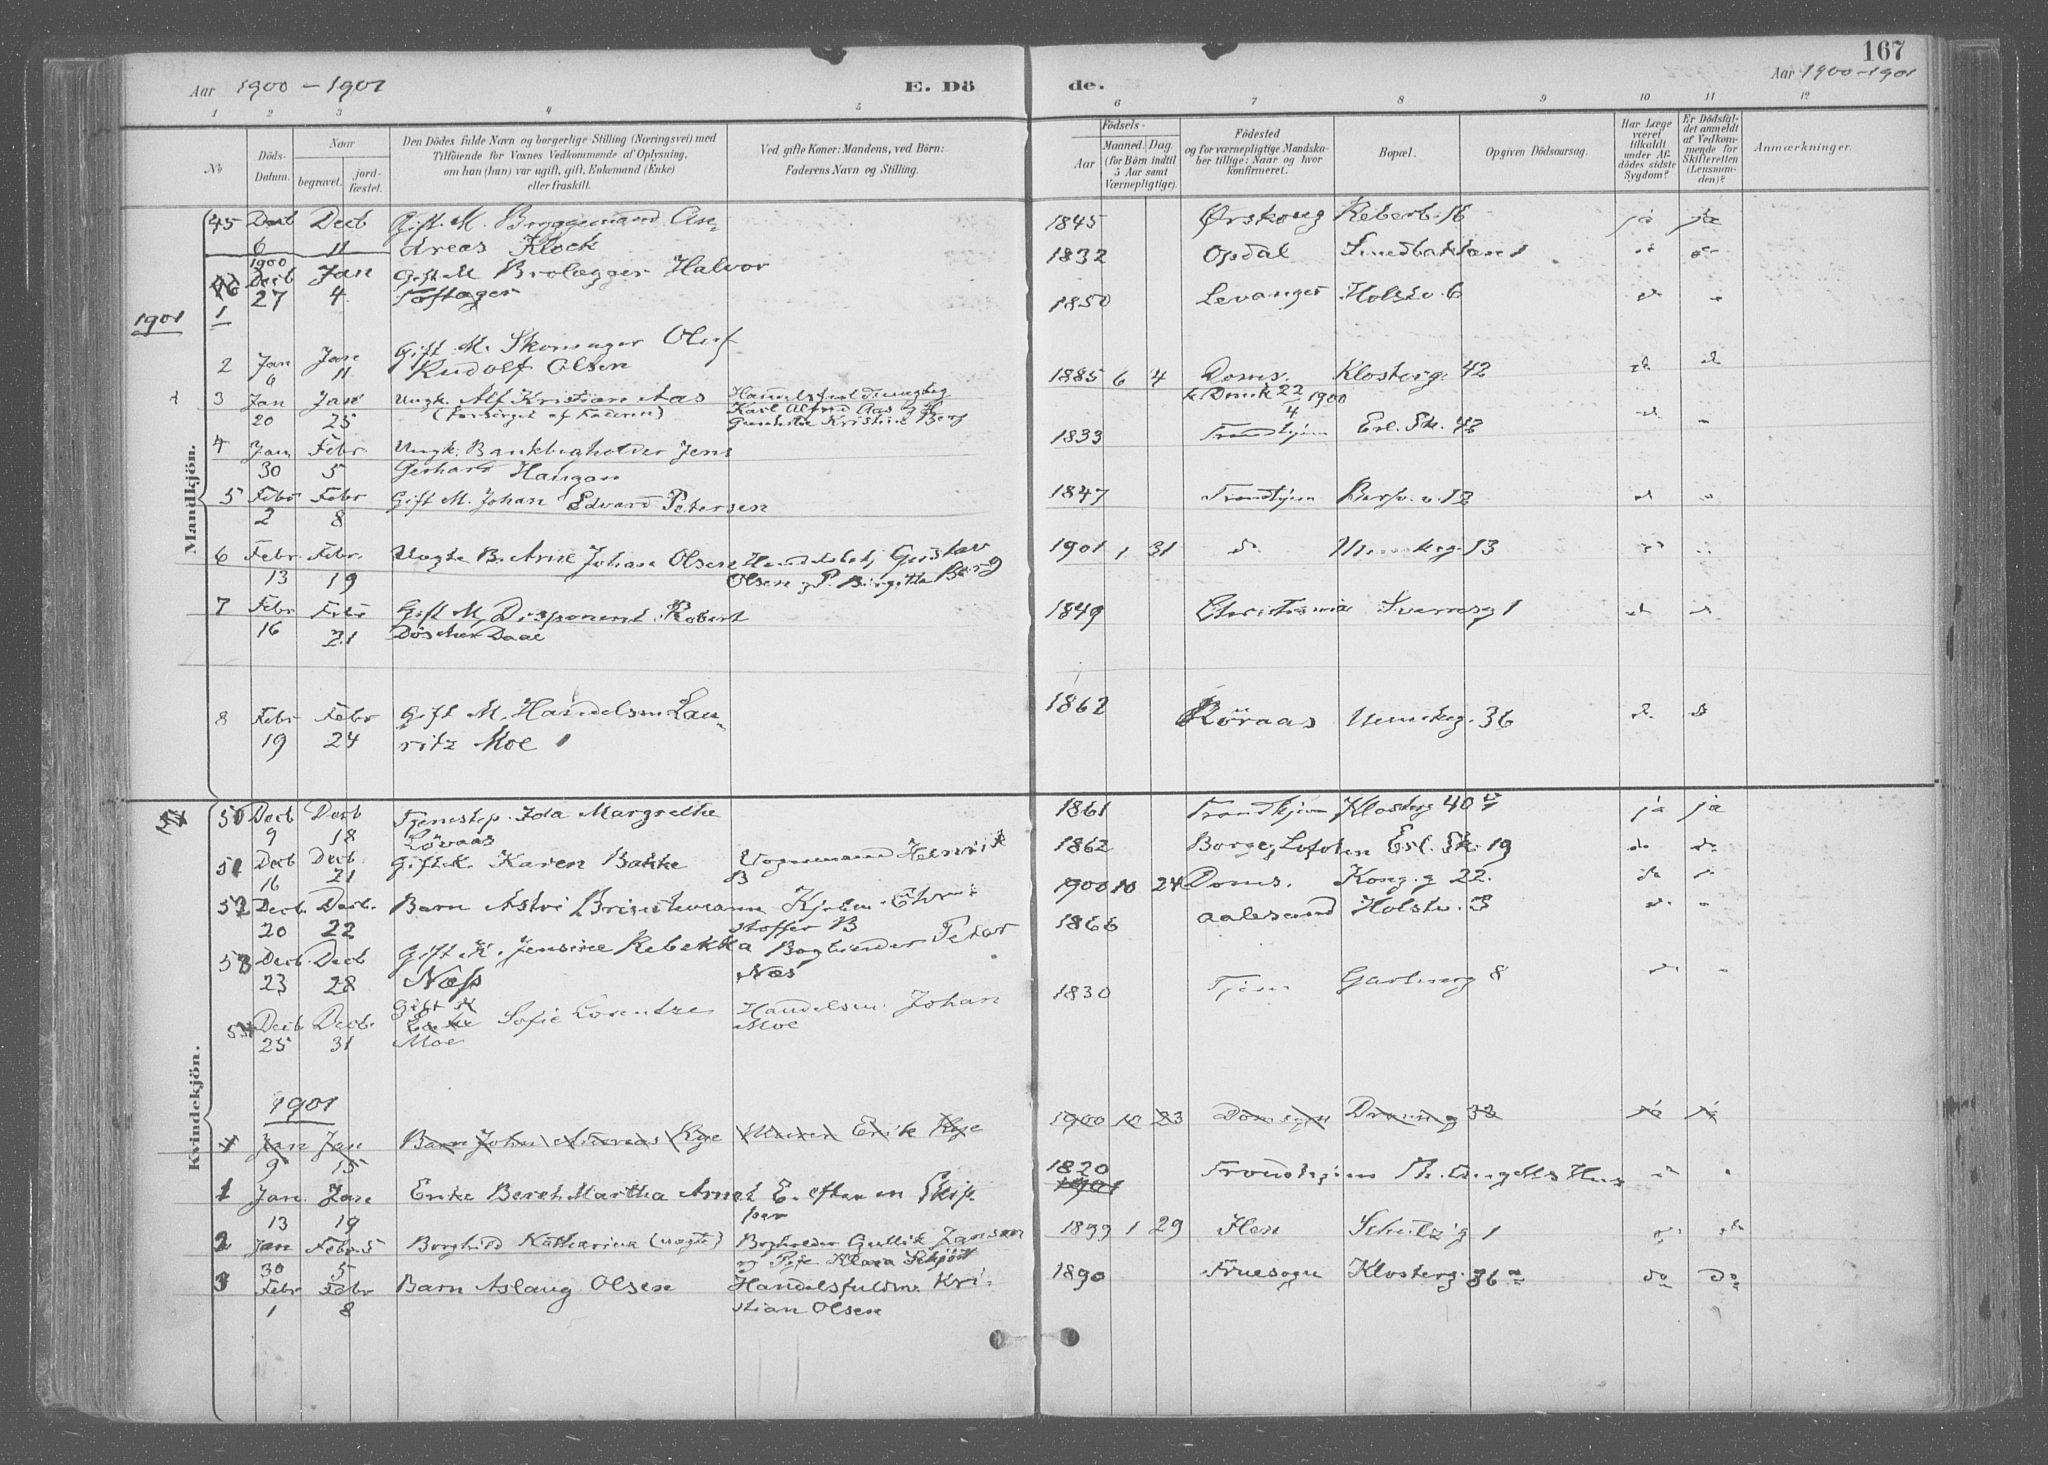 SAT, Ministerialprotokoller, klokkerbøker og fødselsregistre - Sør-Trøndelag, 601/L0064: Ministerialbok nr. 601A31, 1891-1911, s. 167